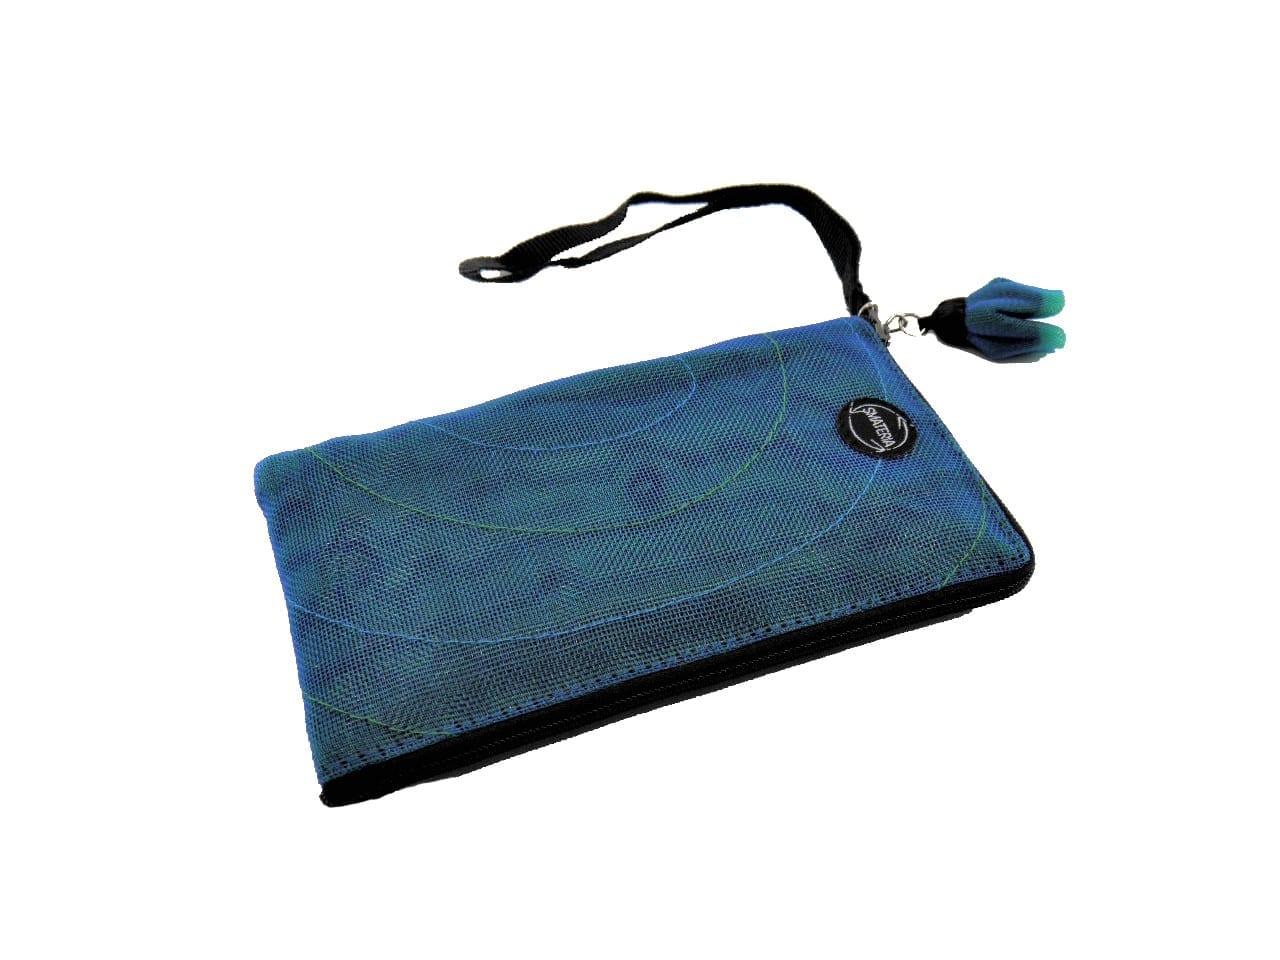 La Pochette Cellulaire Éthique - Samsung (Note2) - Bleu pétrole